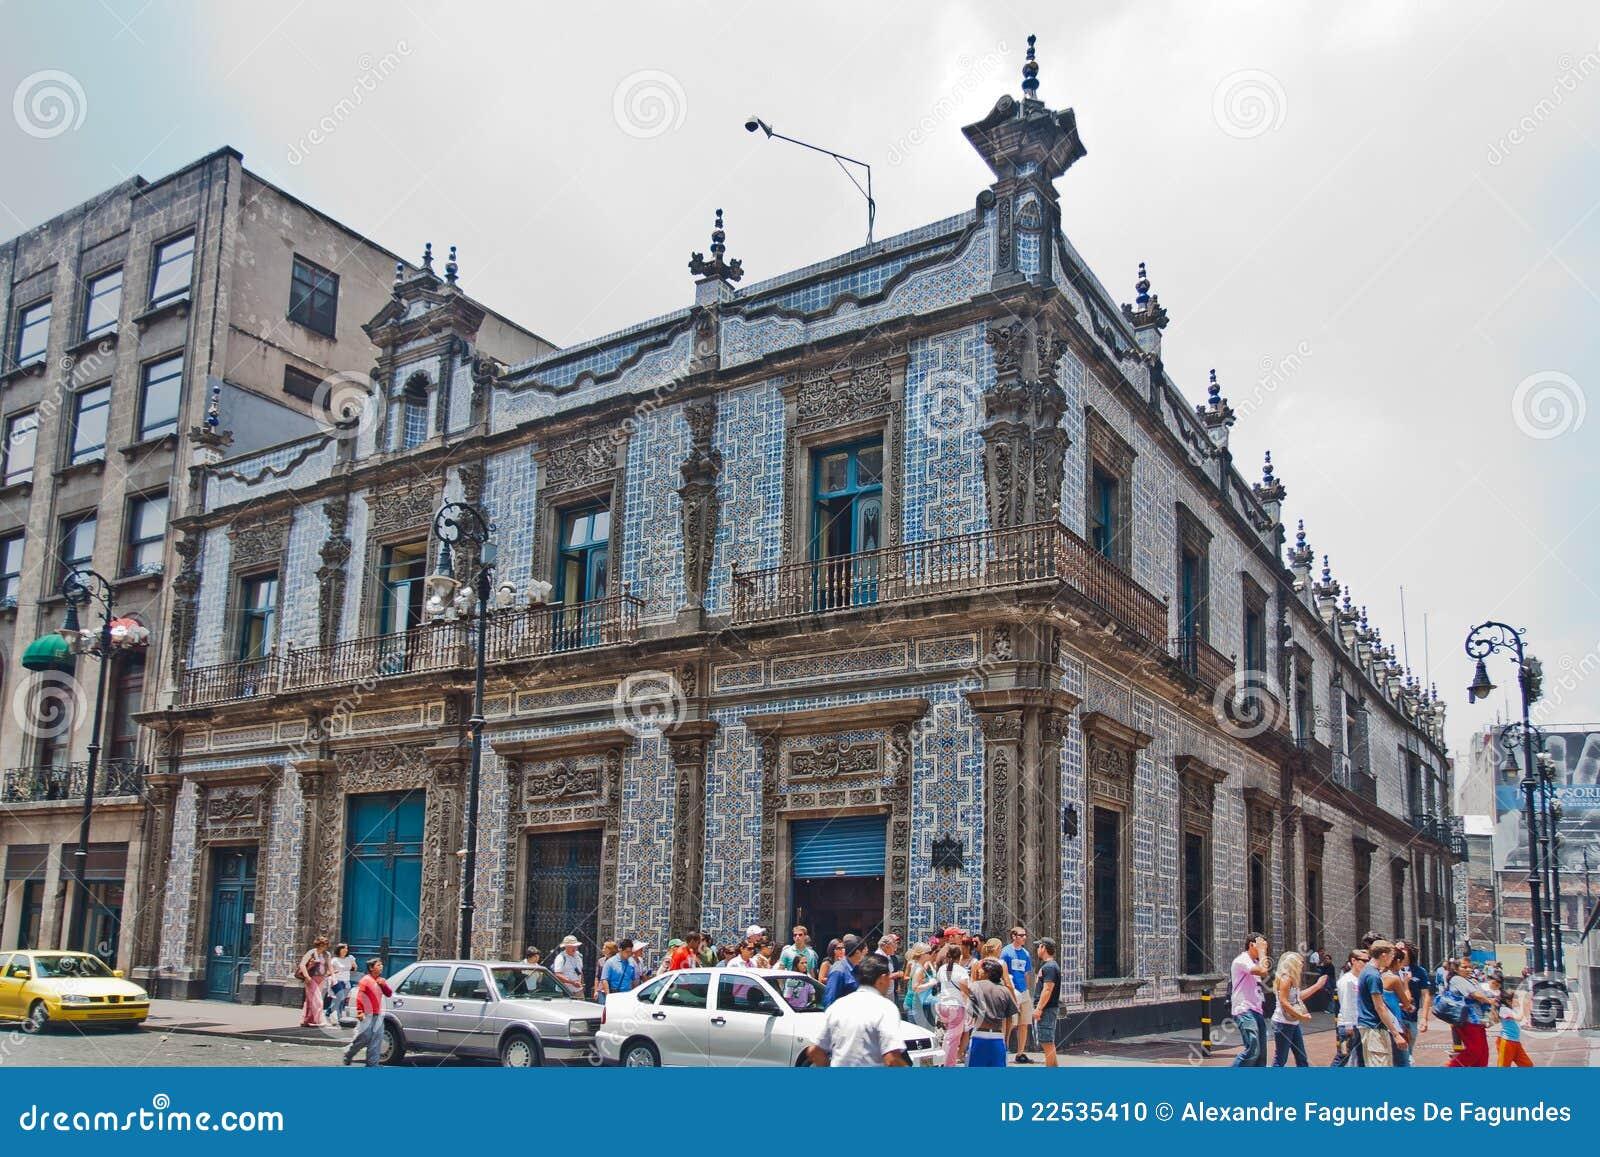 Casa de los azulejos mexico city editorial image image for Casa de azulejos